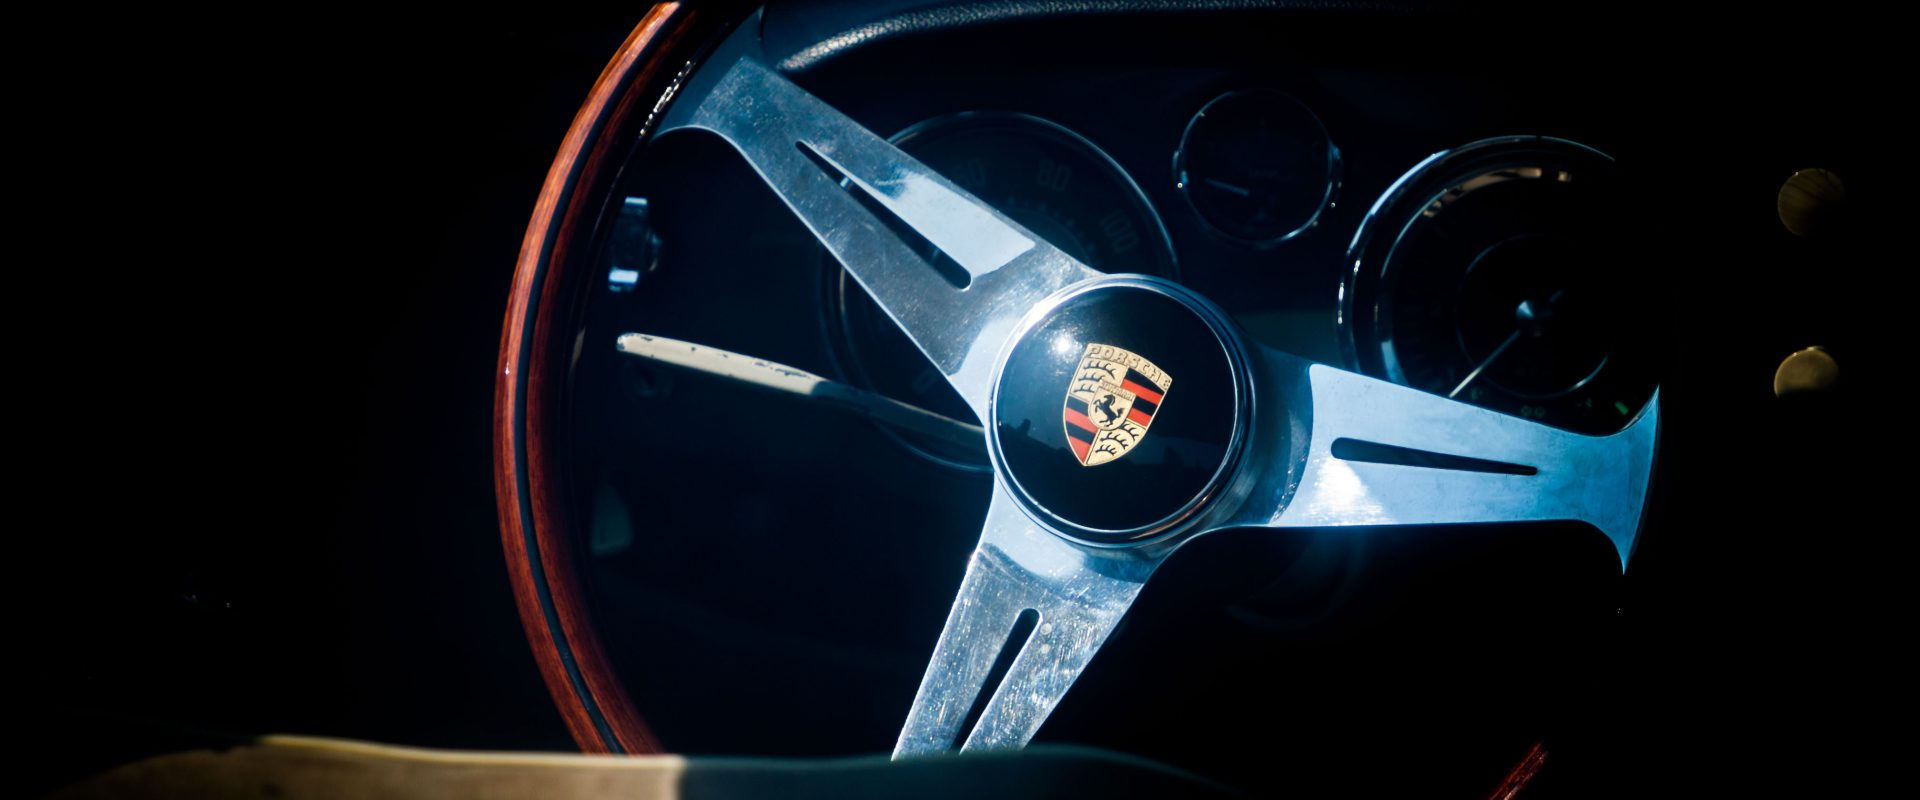 Quais os carros mais incríveis produzidos pela Porsche?